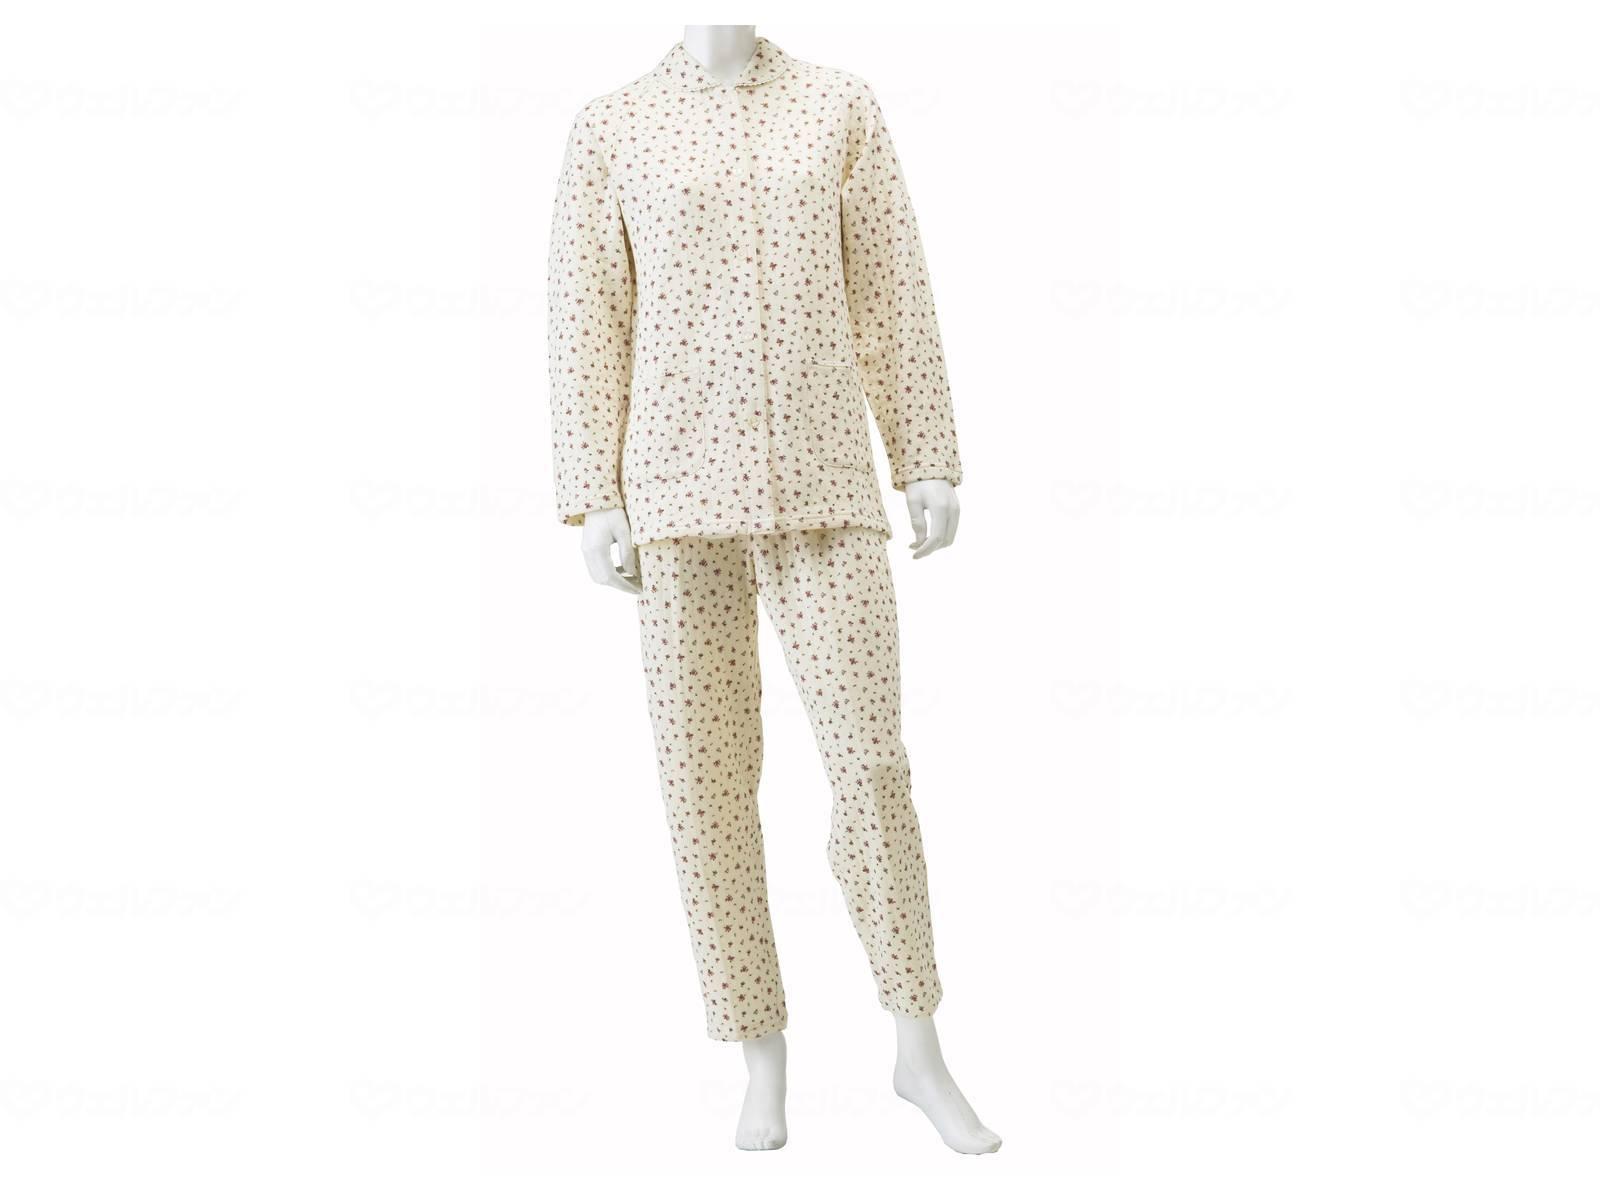 婦人楽らくキルトパジャマの画像